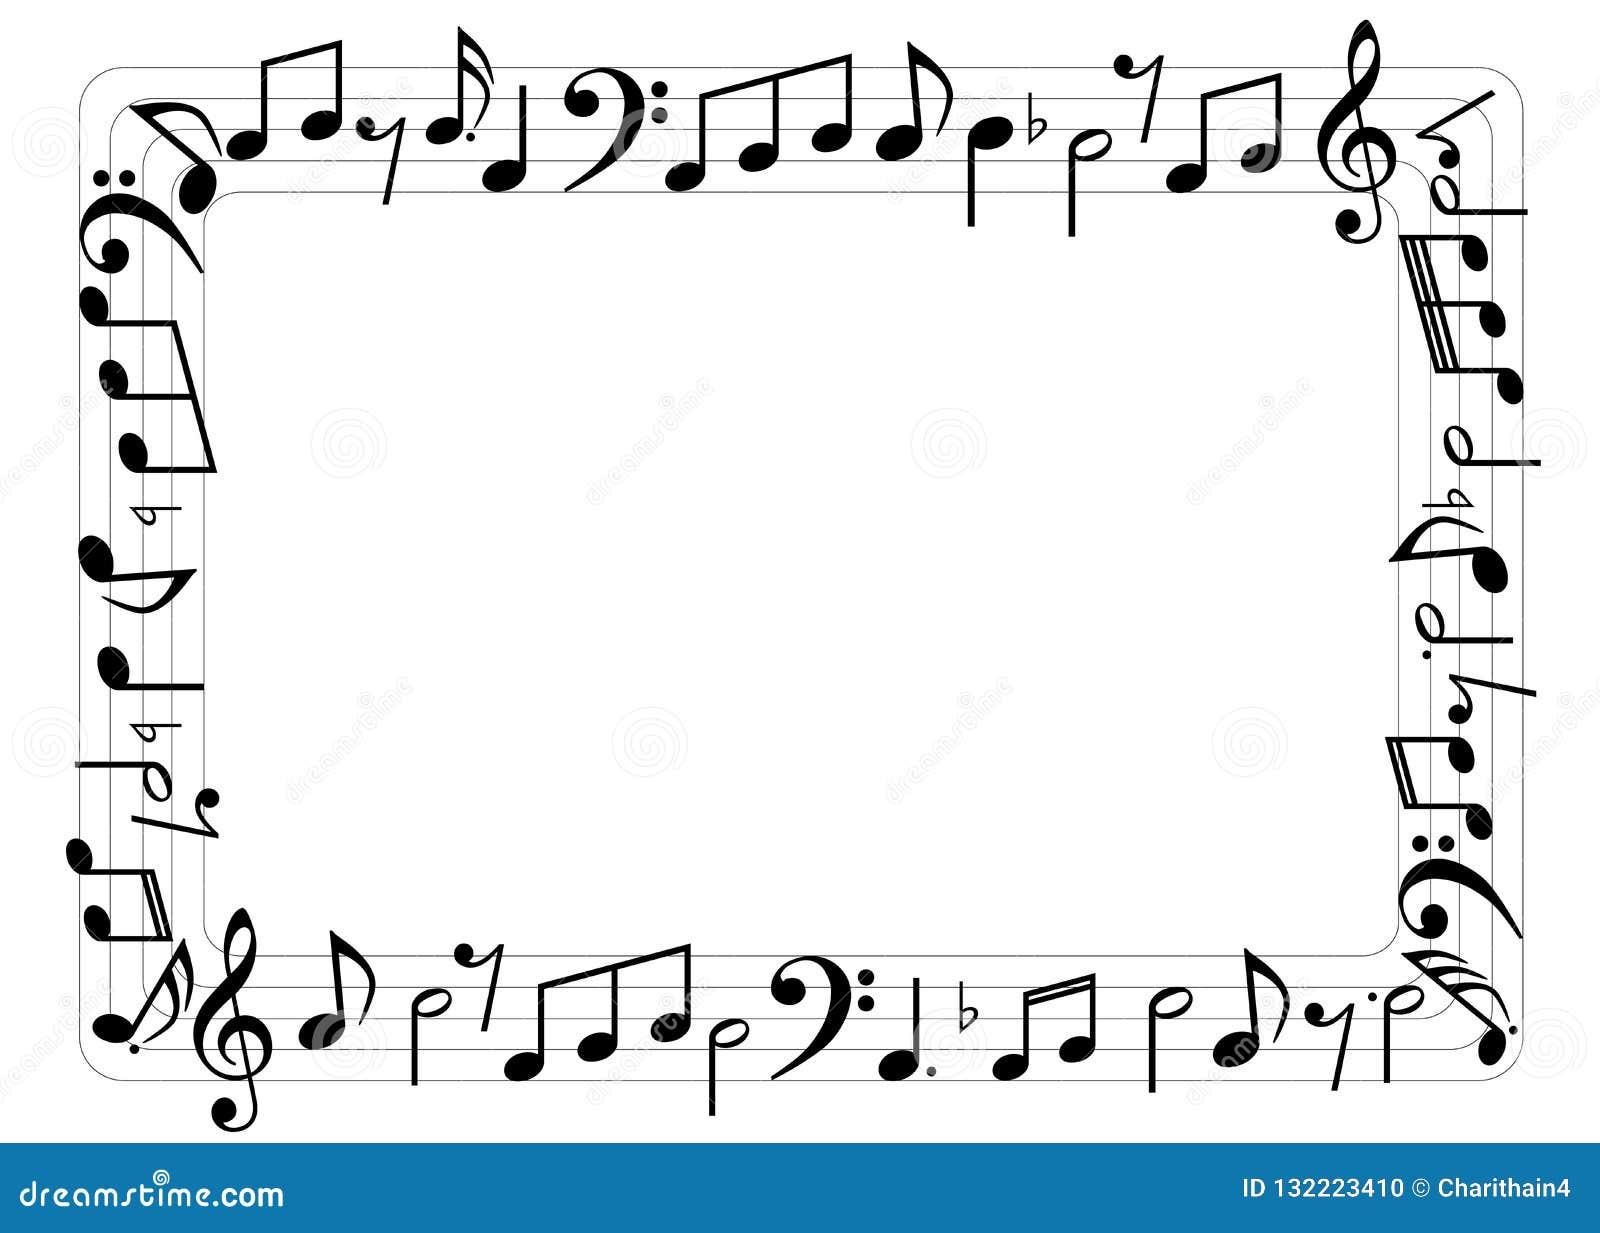 La musique note la frontière rectangulaire